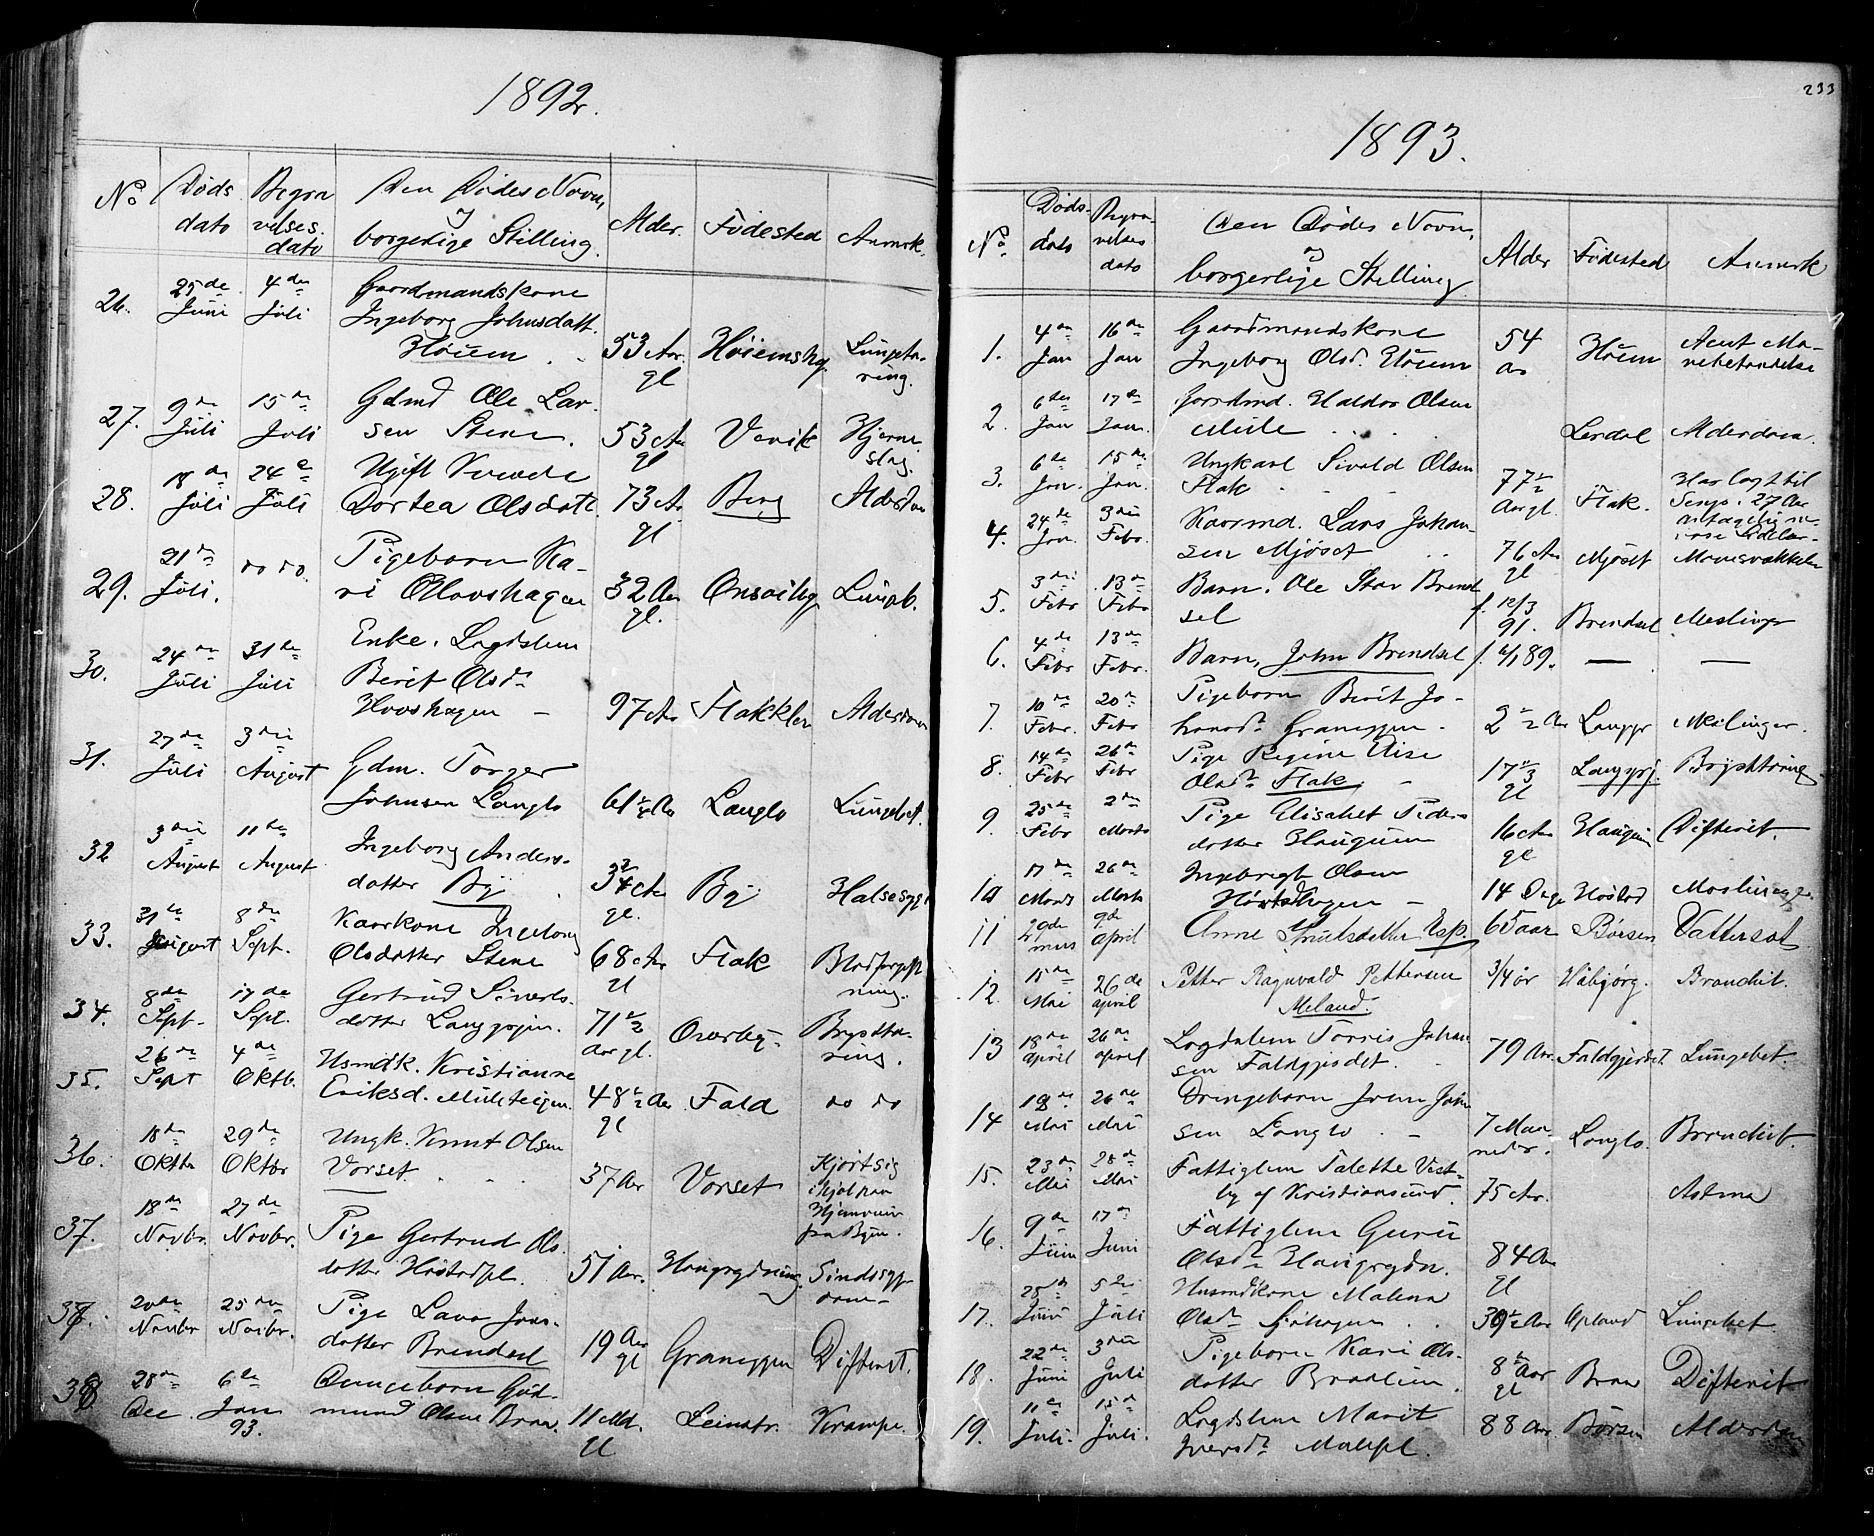 SAT, Ministerialprotokoller, klokkerbøker og fødselsregistre - Sør-Trøndelag, 612/L0387: Klokkerbok nr. 612C03, 1874-1908, s. 233